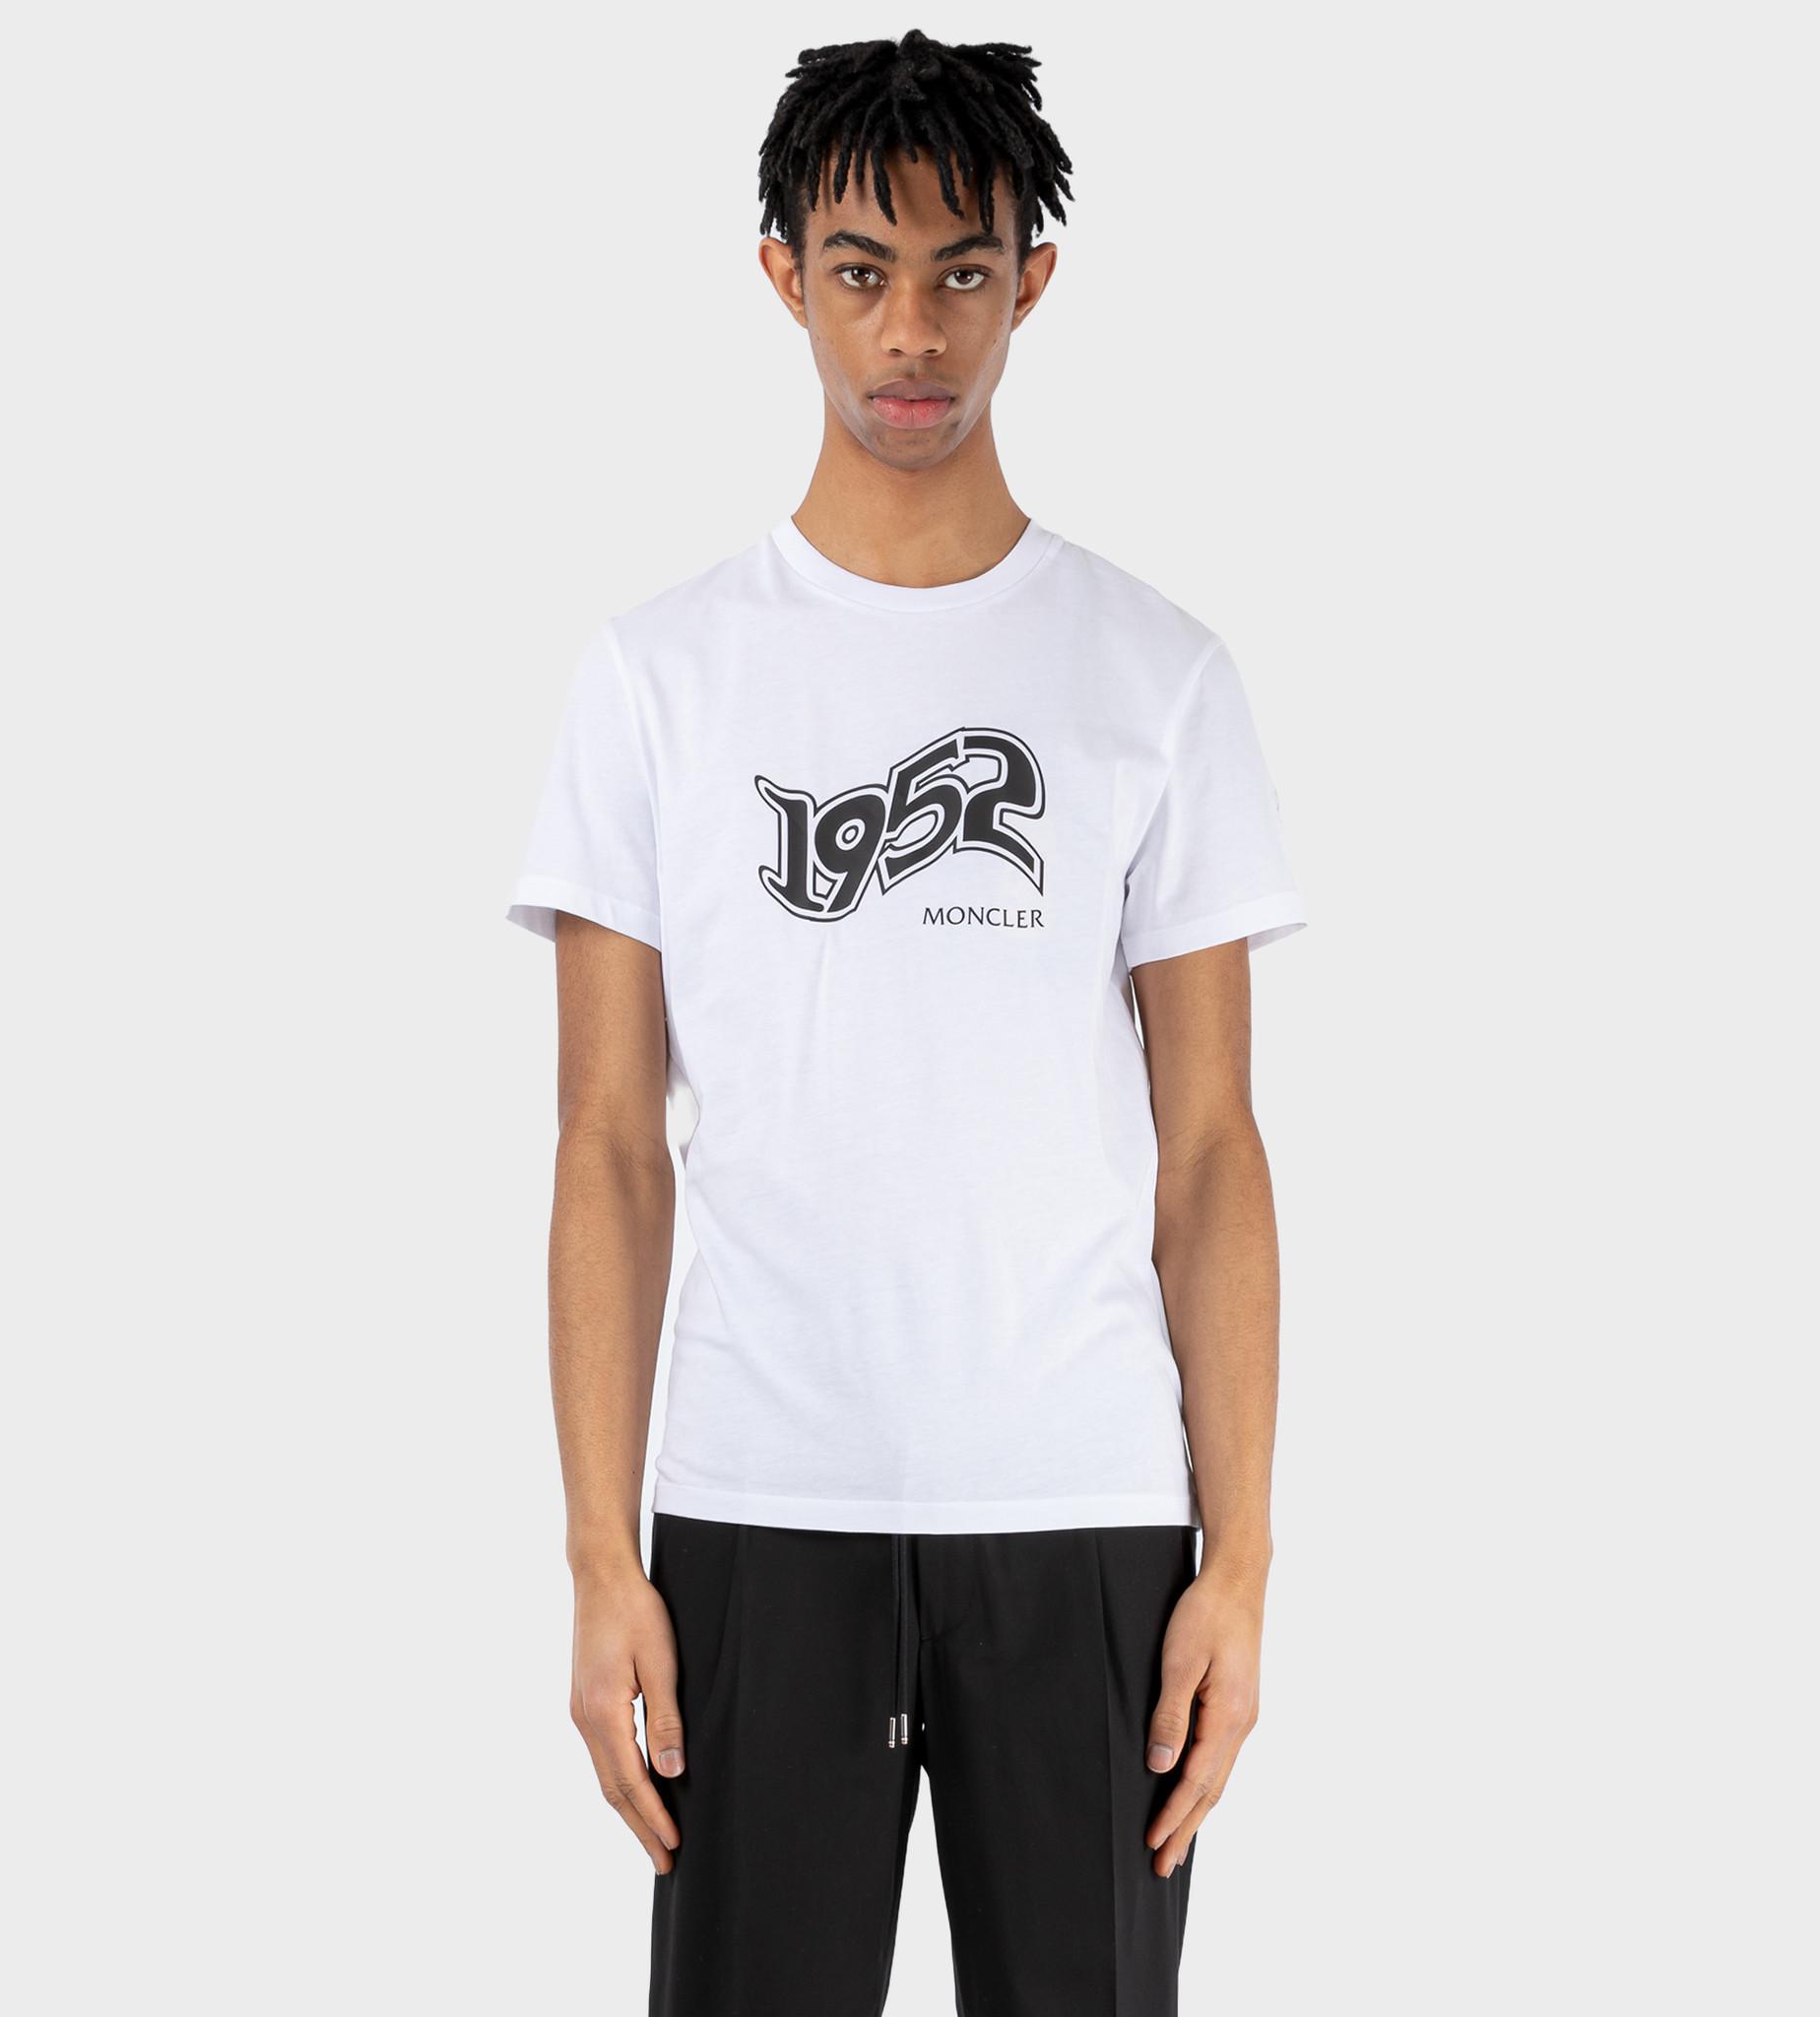 MONCLER GENIUS 2 Moncler Genius 1952 Print T-shirt White